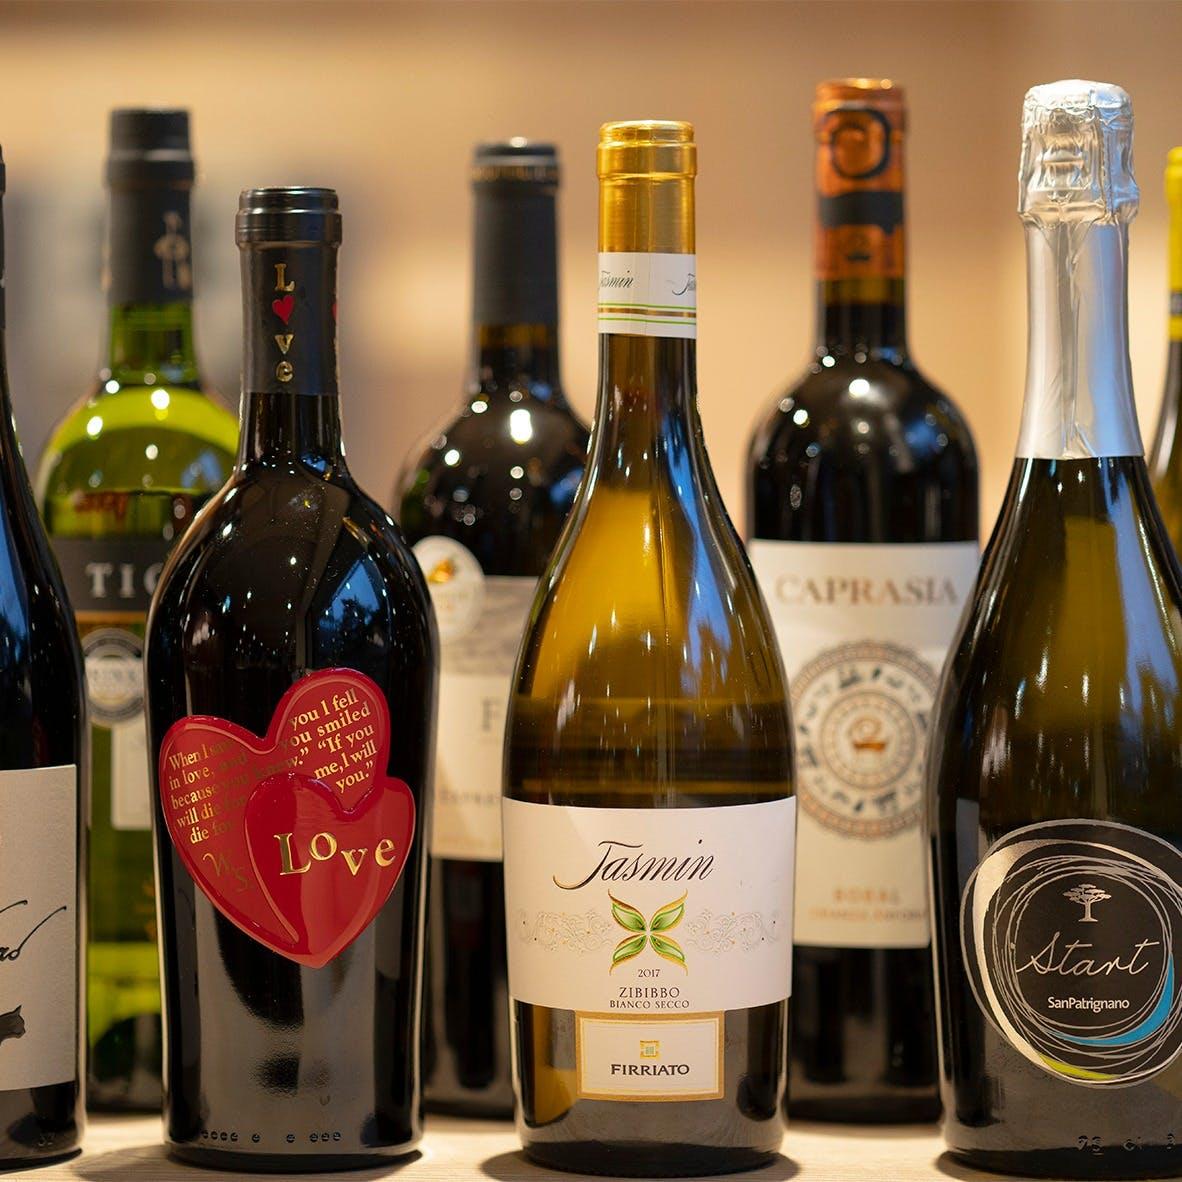 ソムリエによるご提案も。世界各国のBIOワインで乾杯!